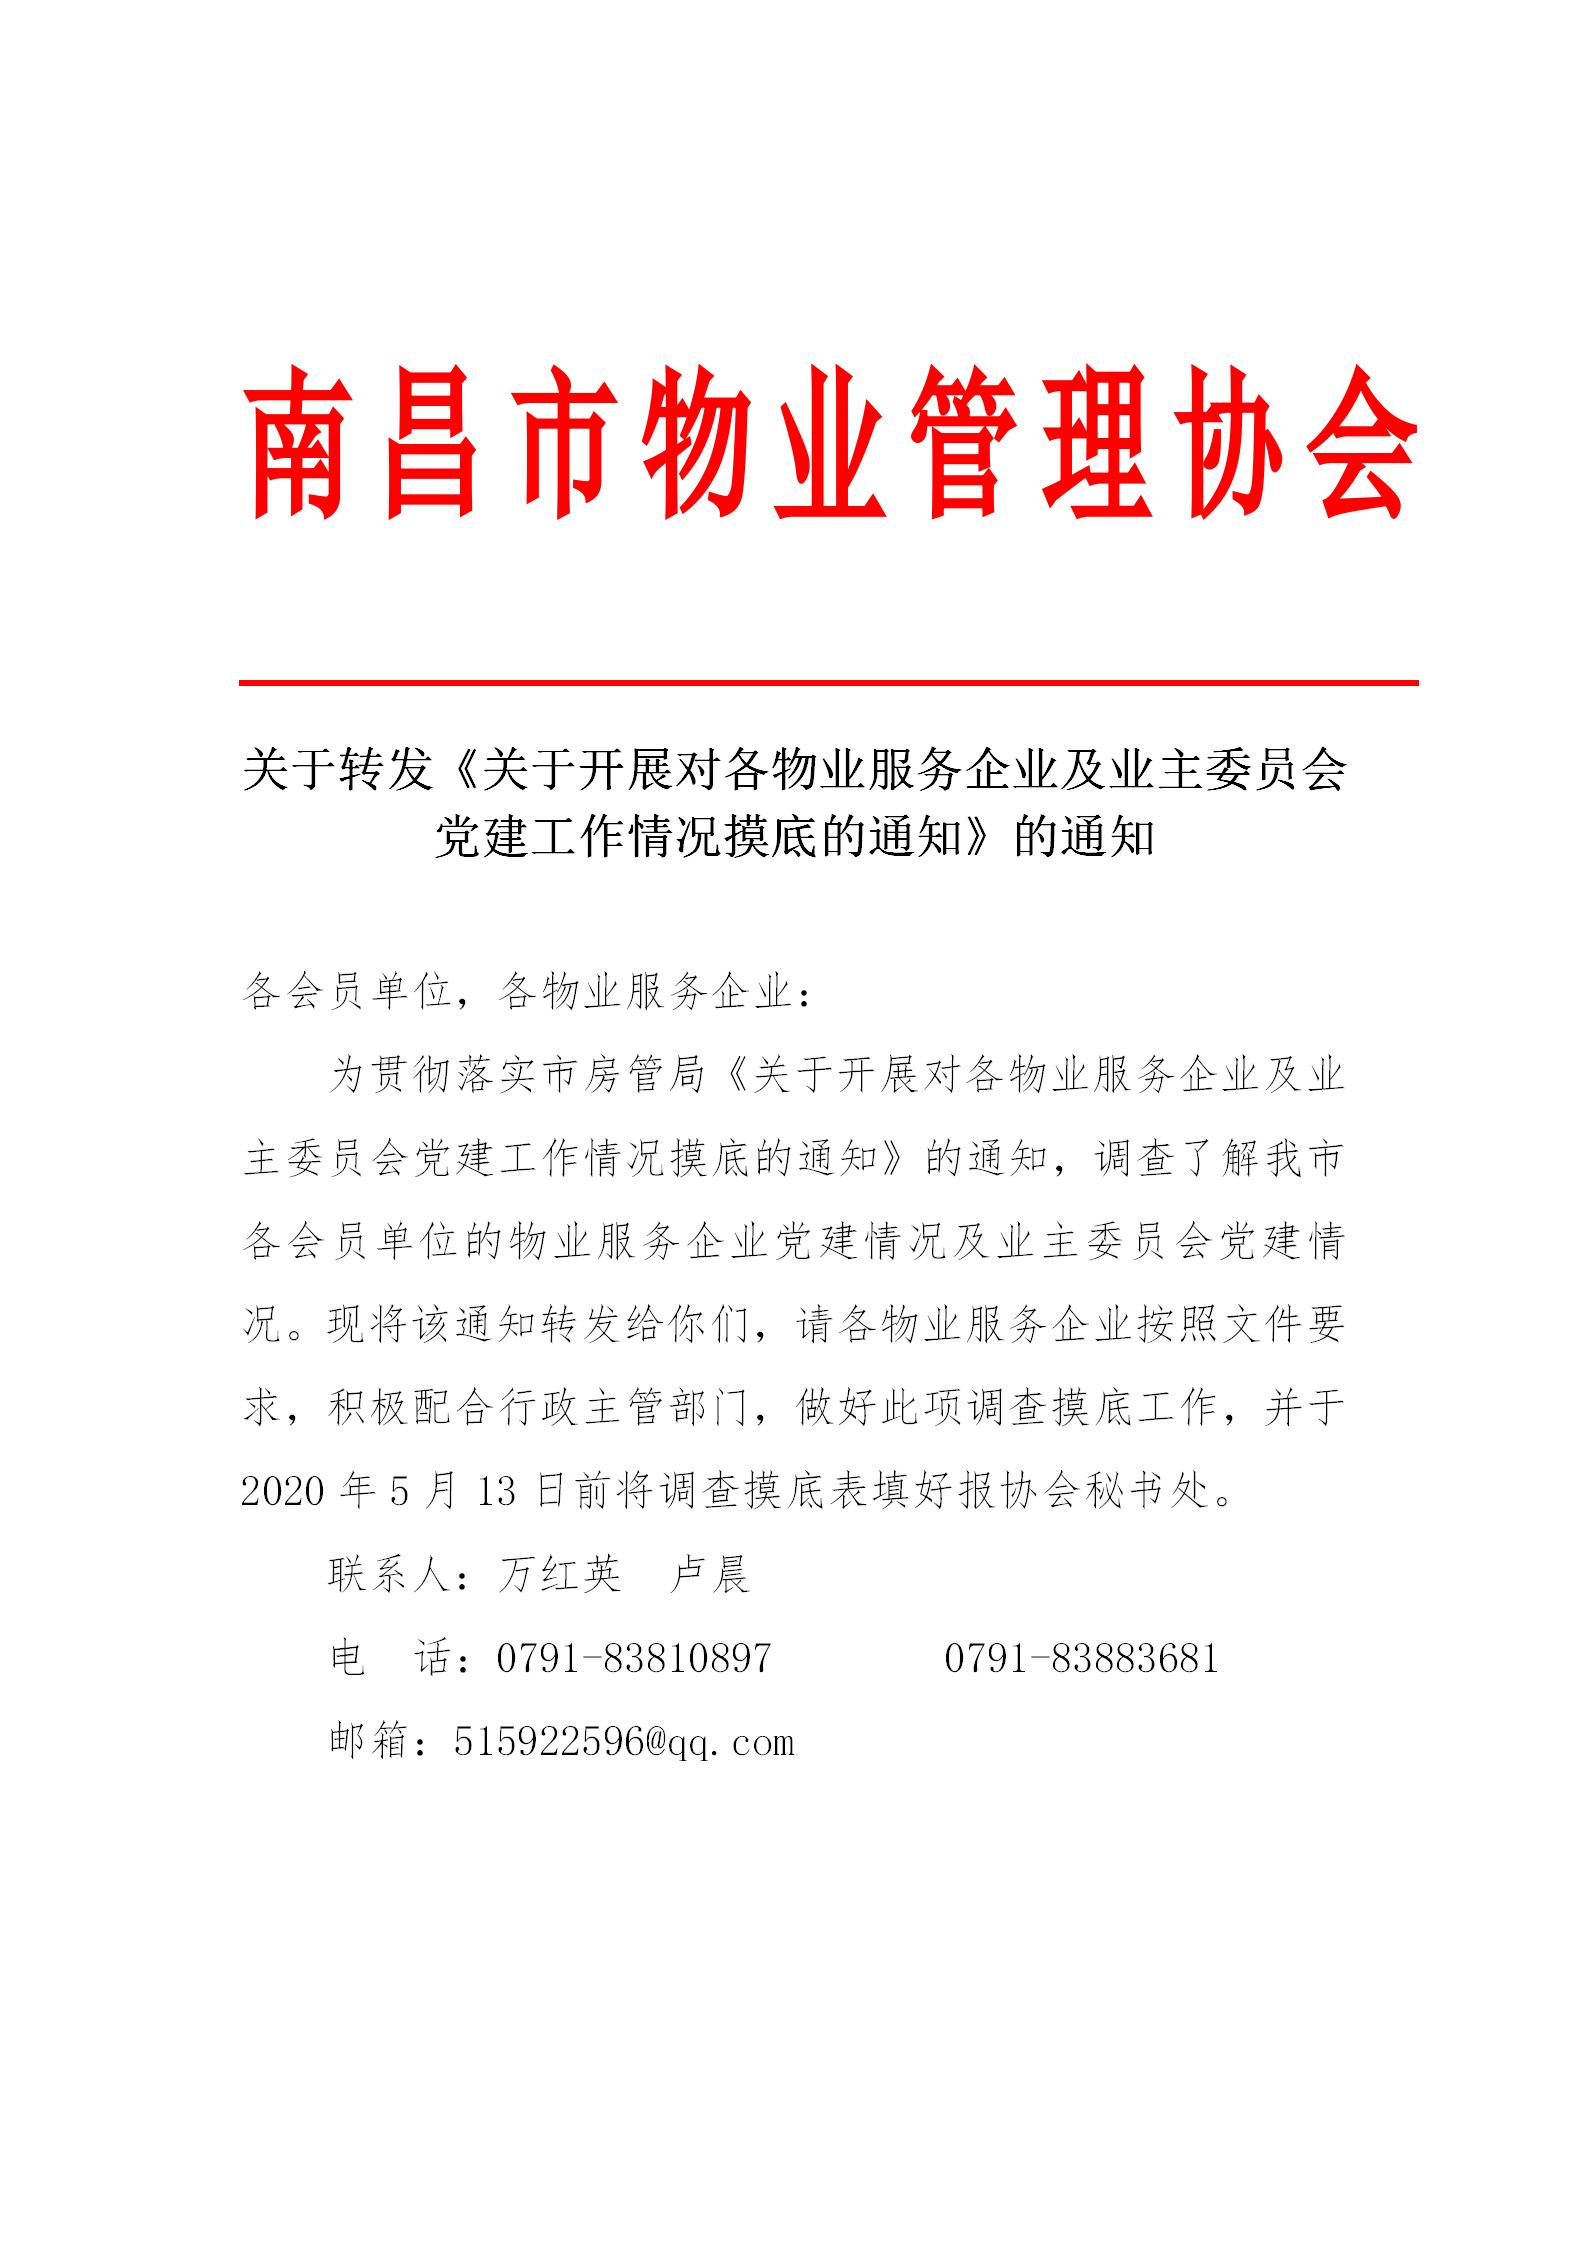 关于转发《关于开展对各物业服务企业及业主委员会党建工作情况摸底的通知》的通知_01.png